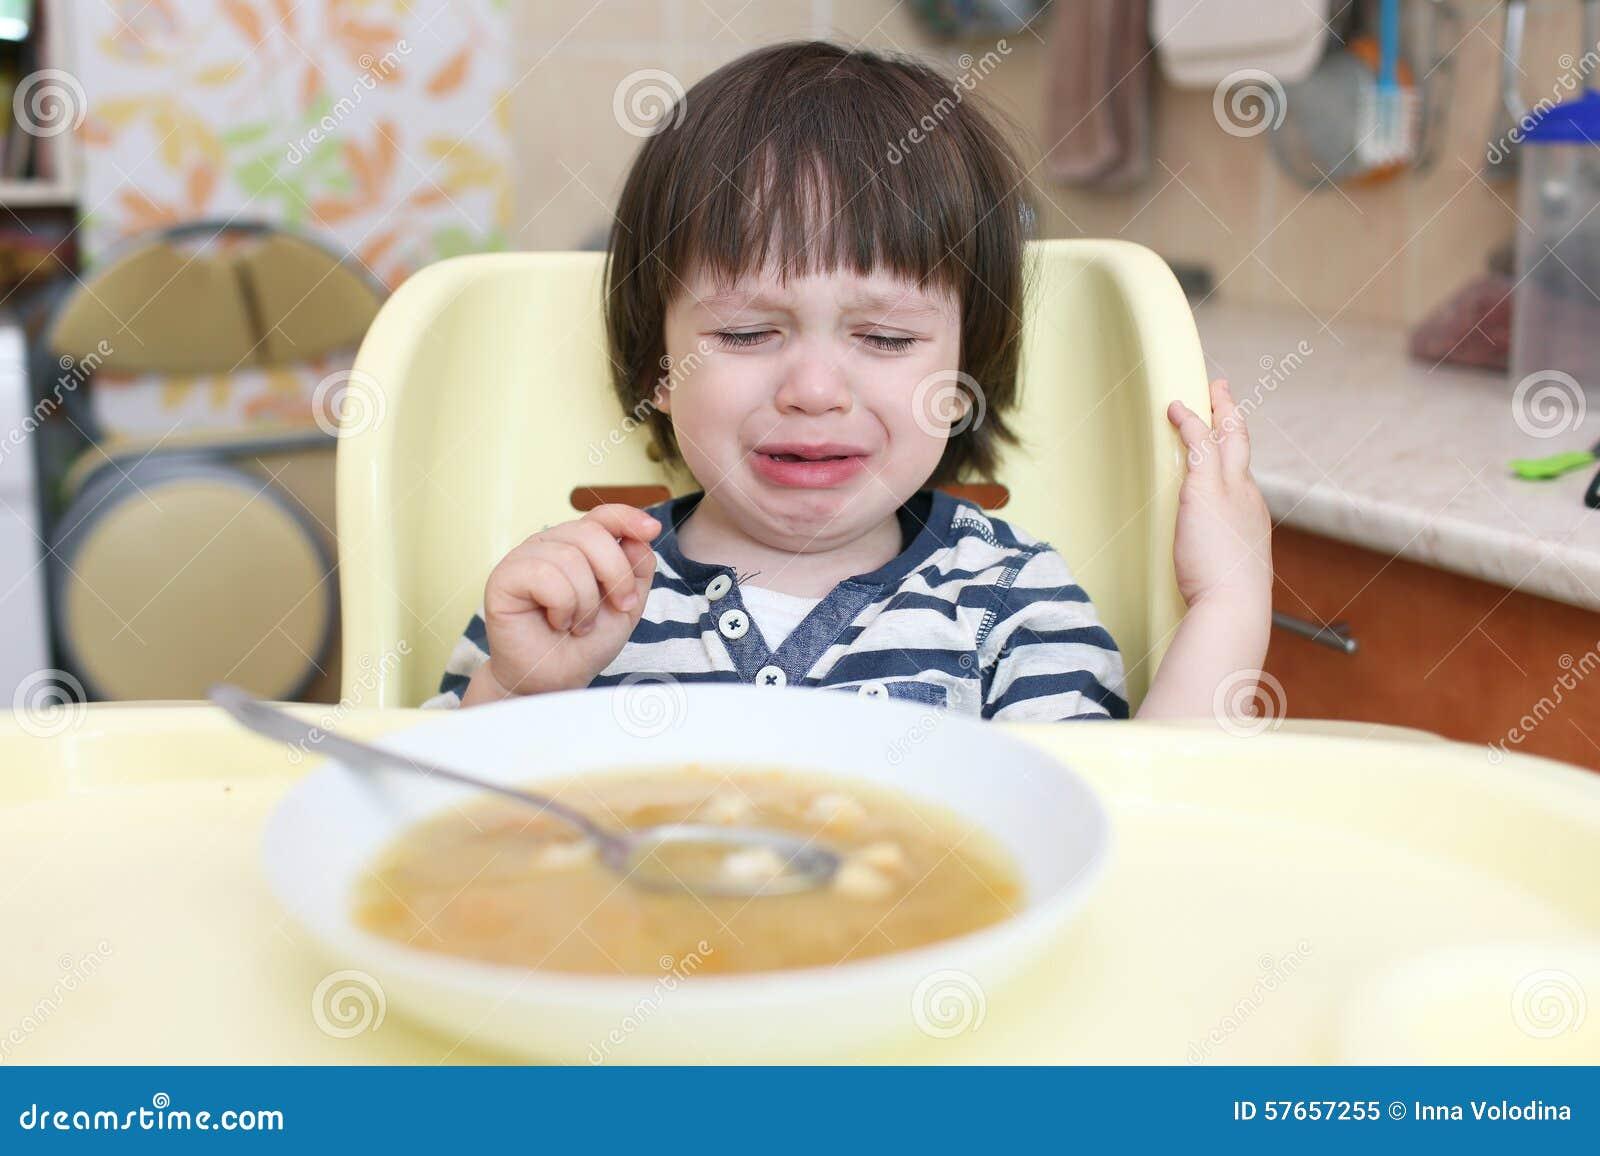 The Kitchen Kid S Eats